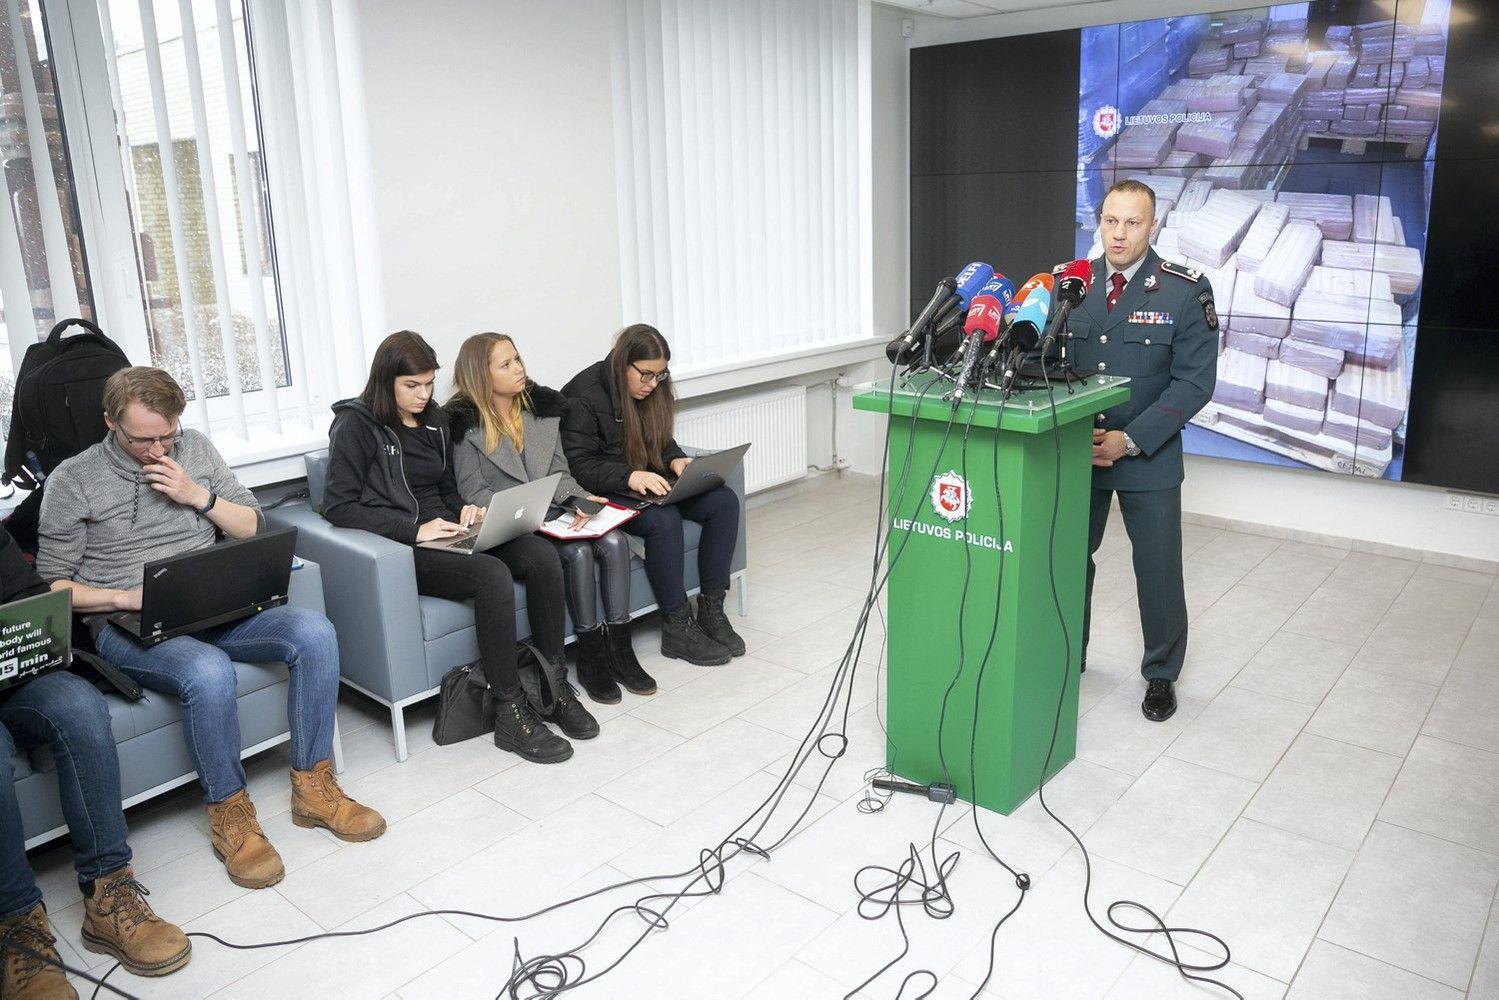 Dėl rekordinio kiekio narkotikų už grotų atsidūrė logistikos įmonės vadovas